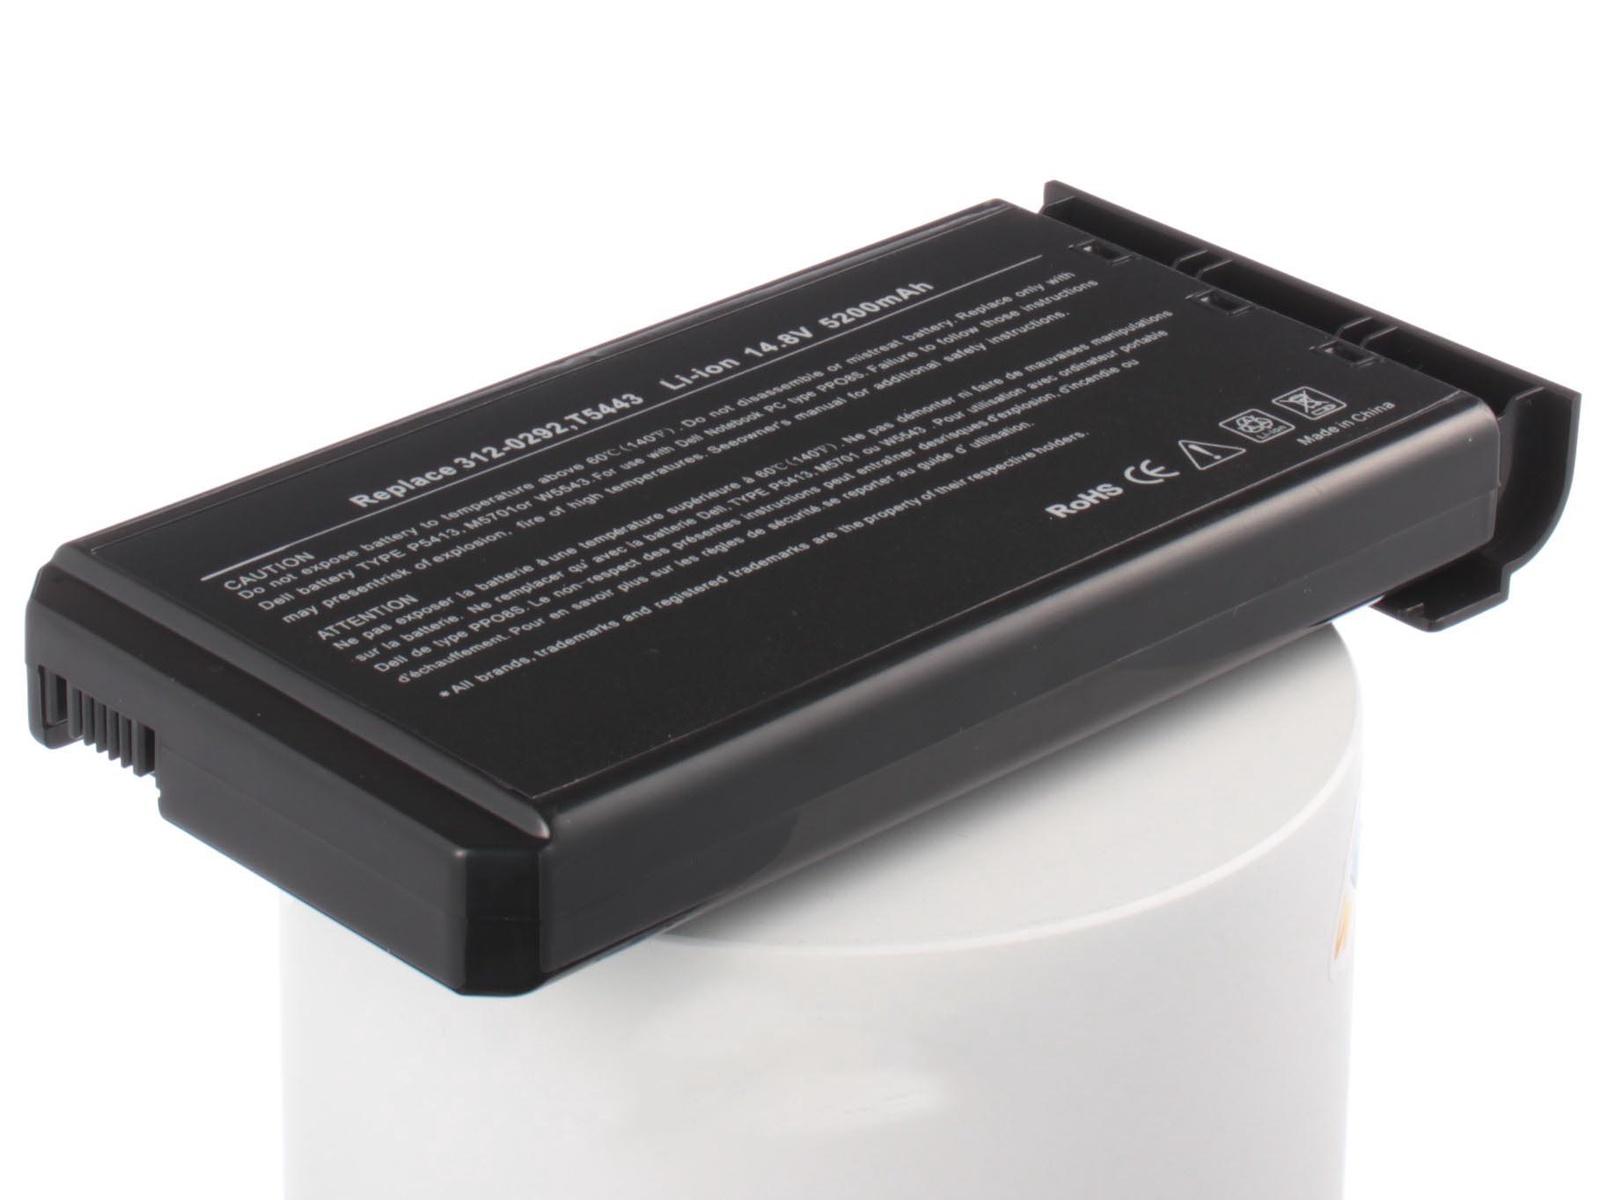 Аккумулятор для ноутбука iBatt Benq, Dell, Fujitsu-Siemens SQU-527, P5413, T5179, W5173, T5443, OP-570-76620, OP-570-76620-01 inflator pump pool for inflatable air hand pump swimming portable pool air